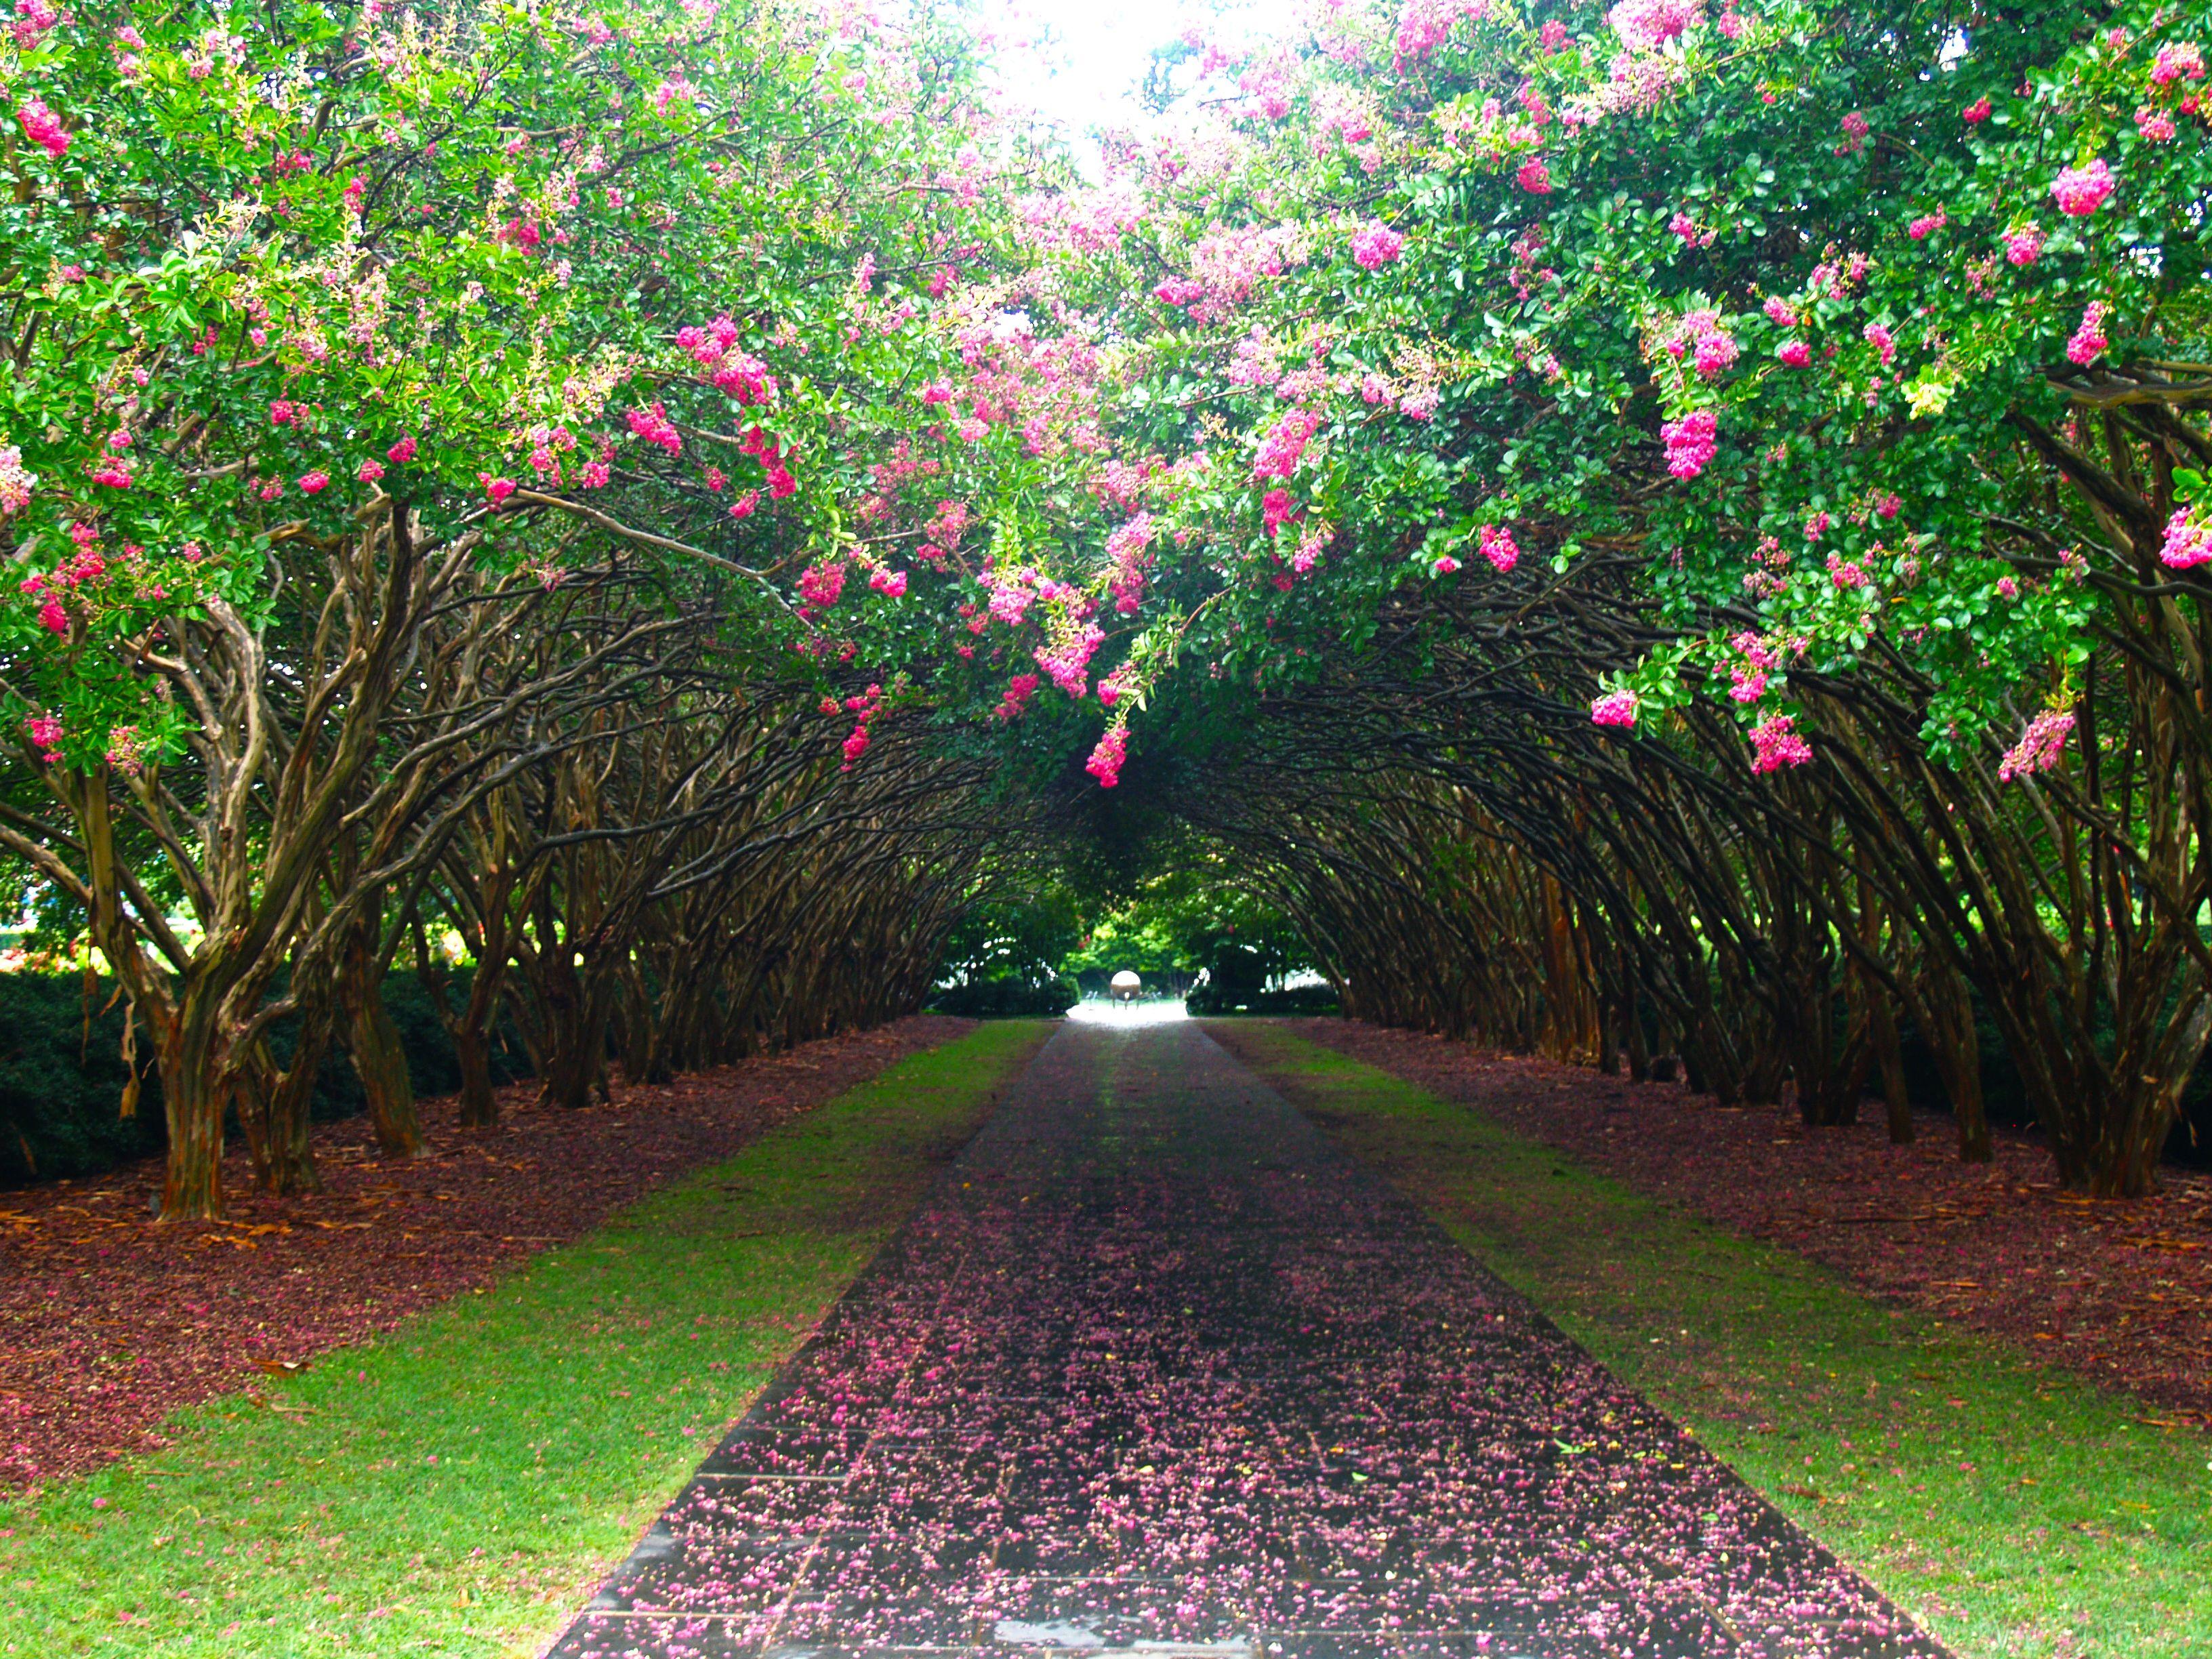 summer, the dallas arboretum, arboretum, garden, blooms, dallas